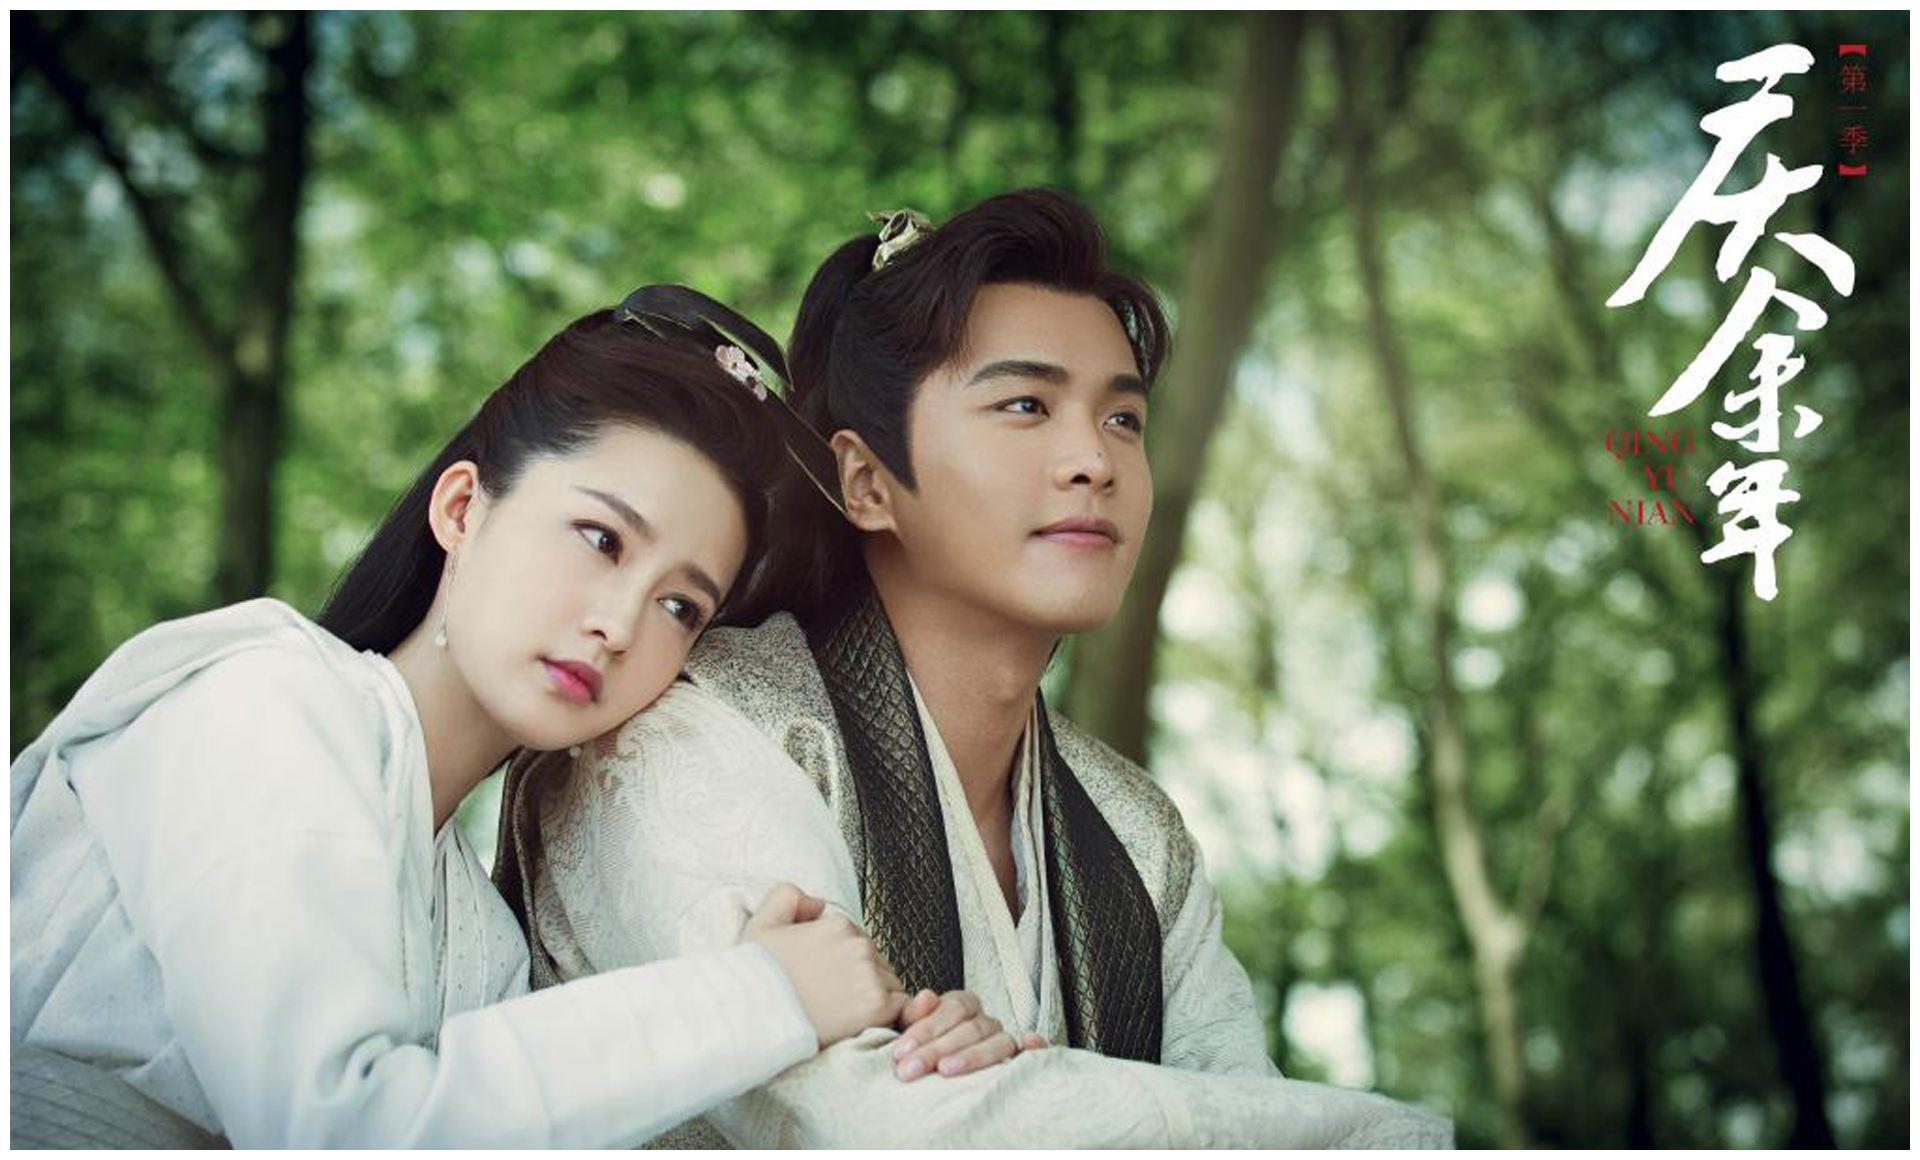 《庆余年2》开机,张若昀不变李沁辞演,林婉儿换了她!